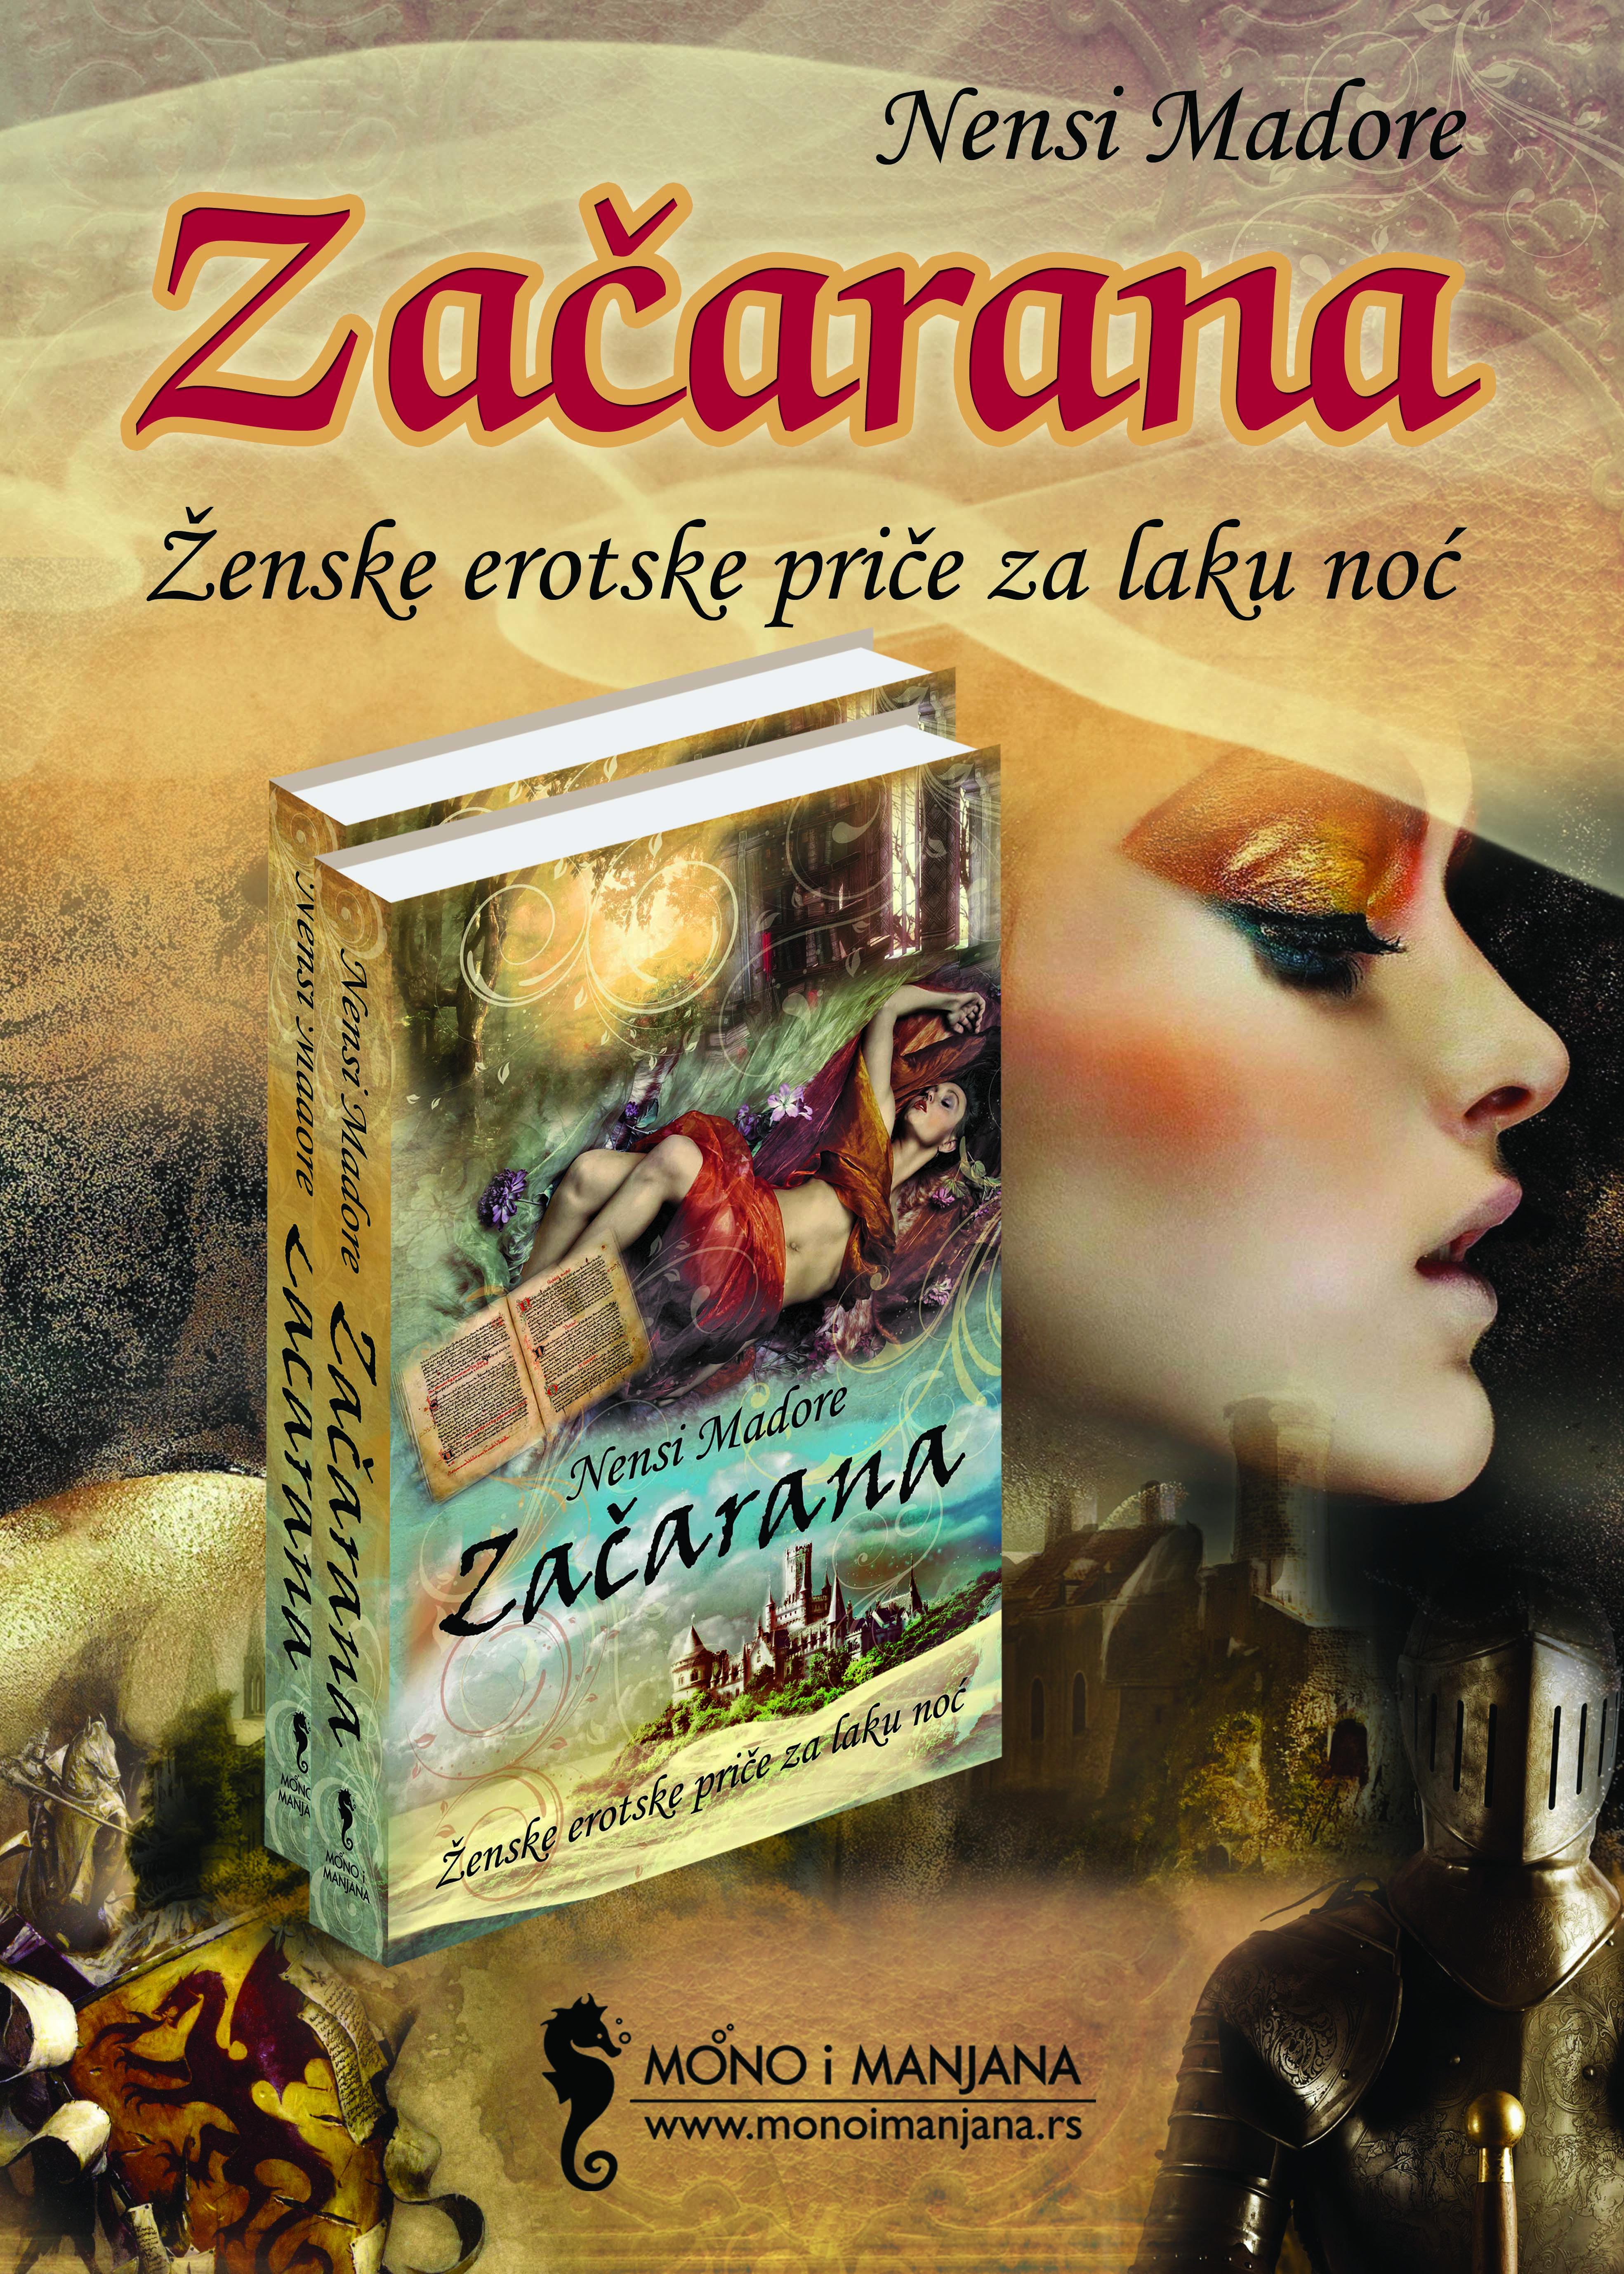 Zacarana